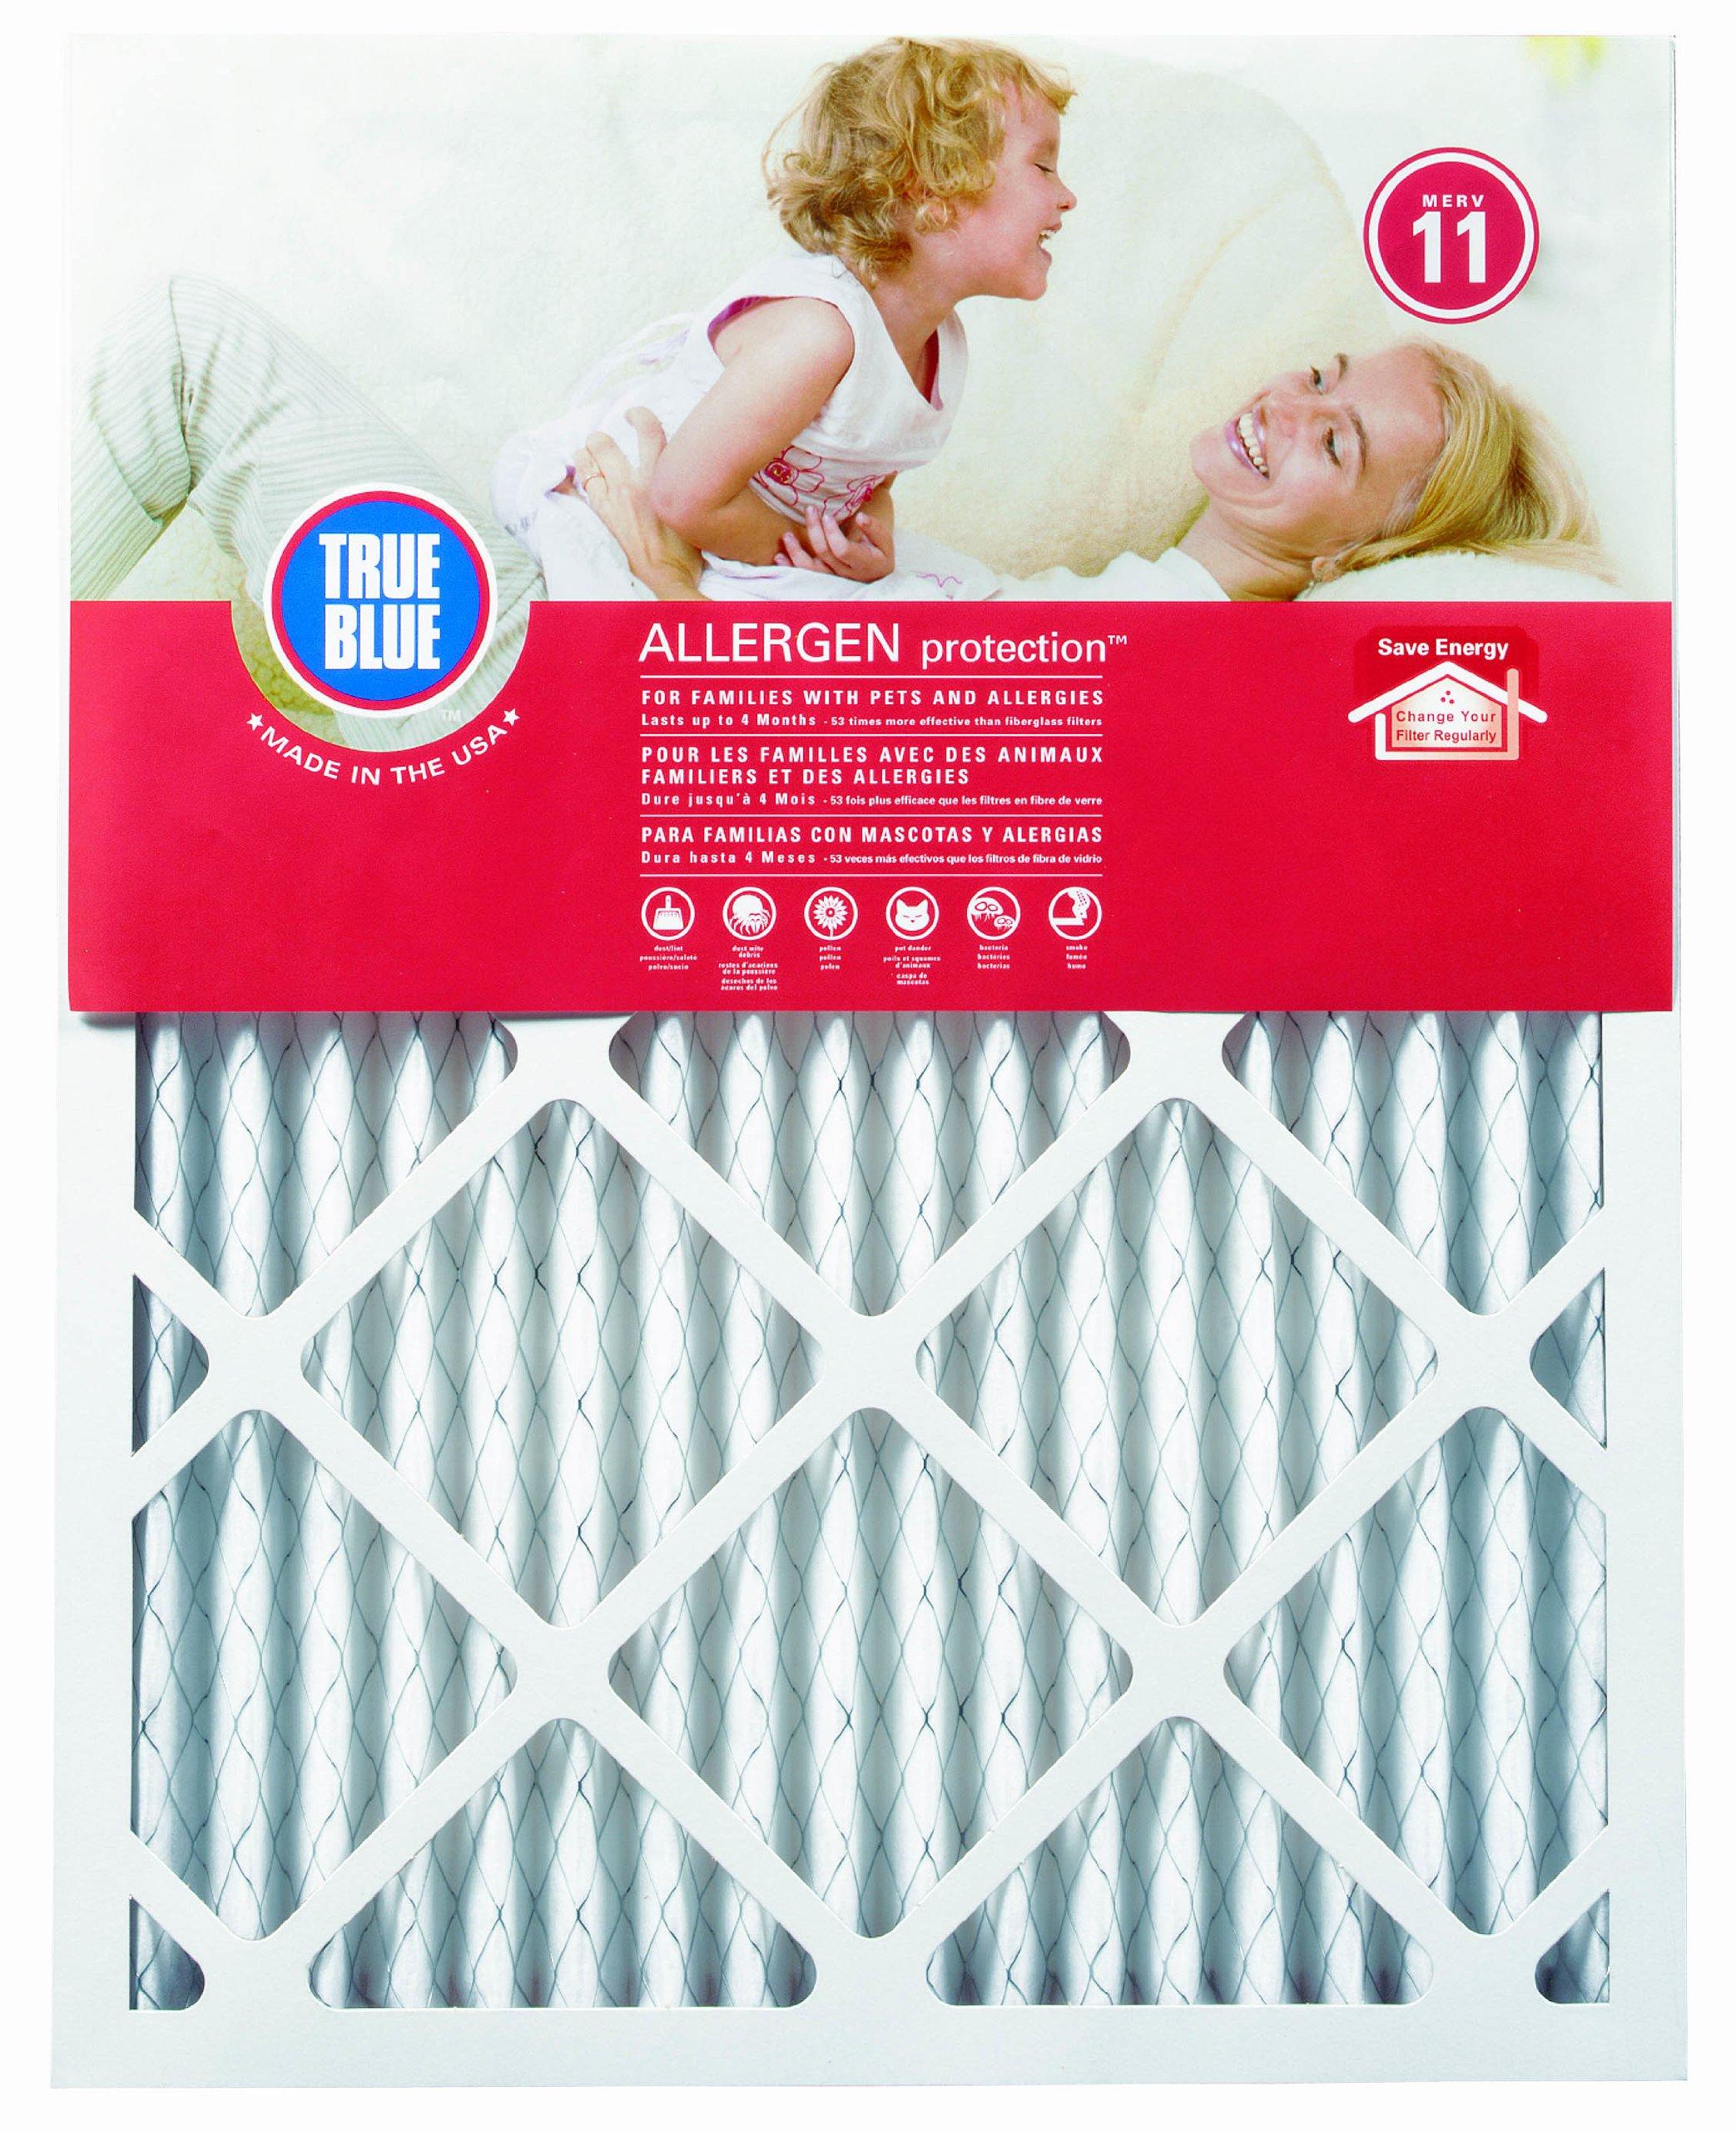 True Blue Allergen 20x36x1 Air Filter , MERV 11, 4-Pack by True Blue (Image #1)